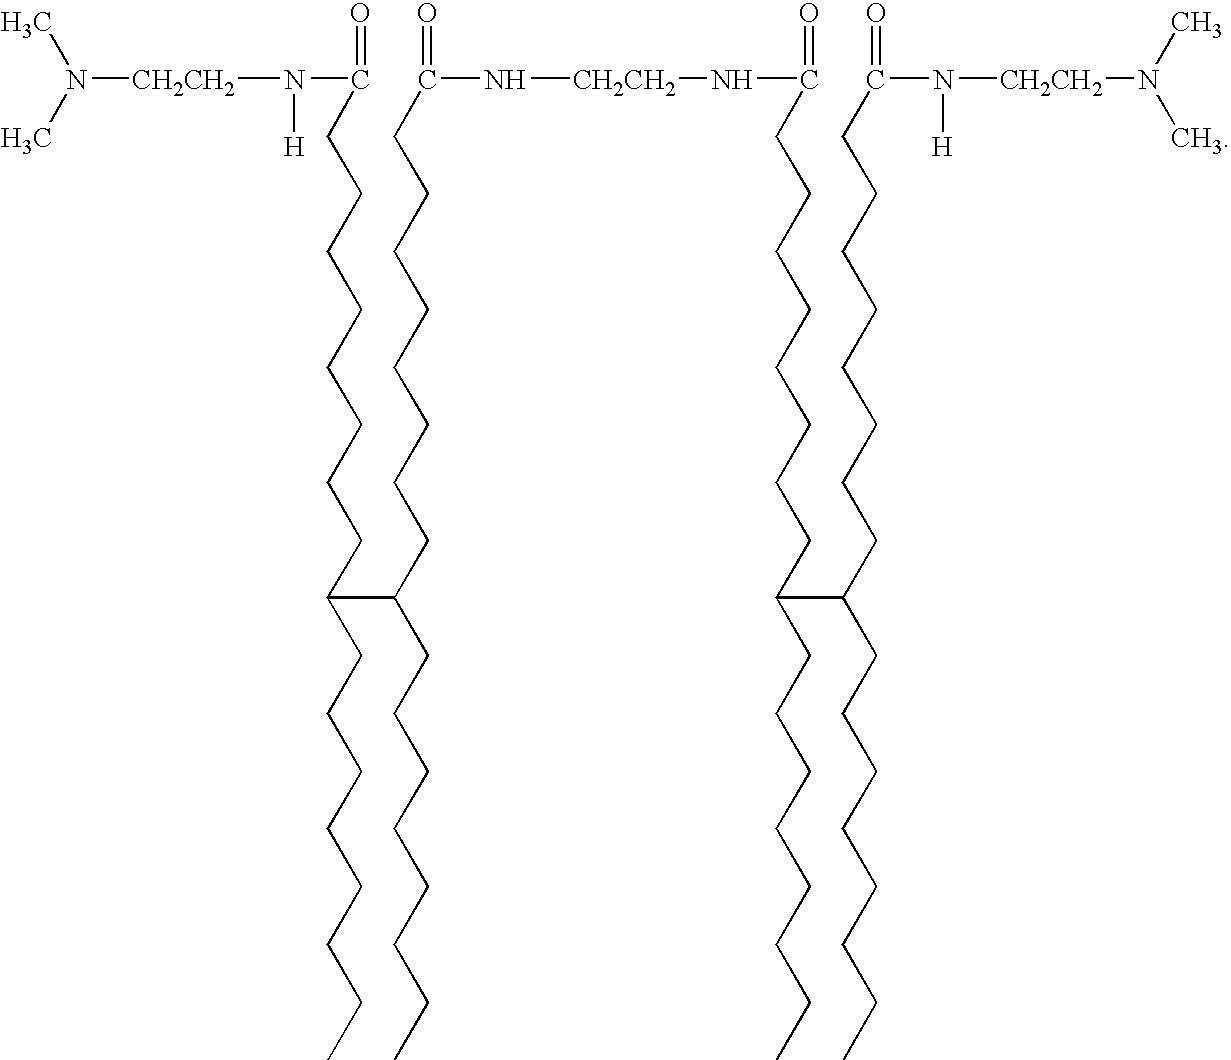 Figure US20070120910A1-20070531-C00064